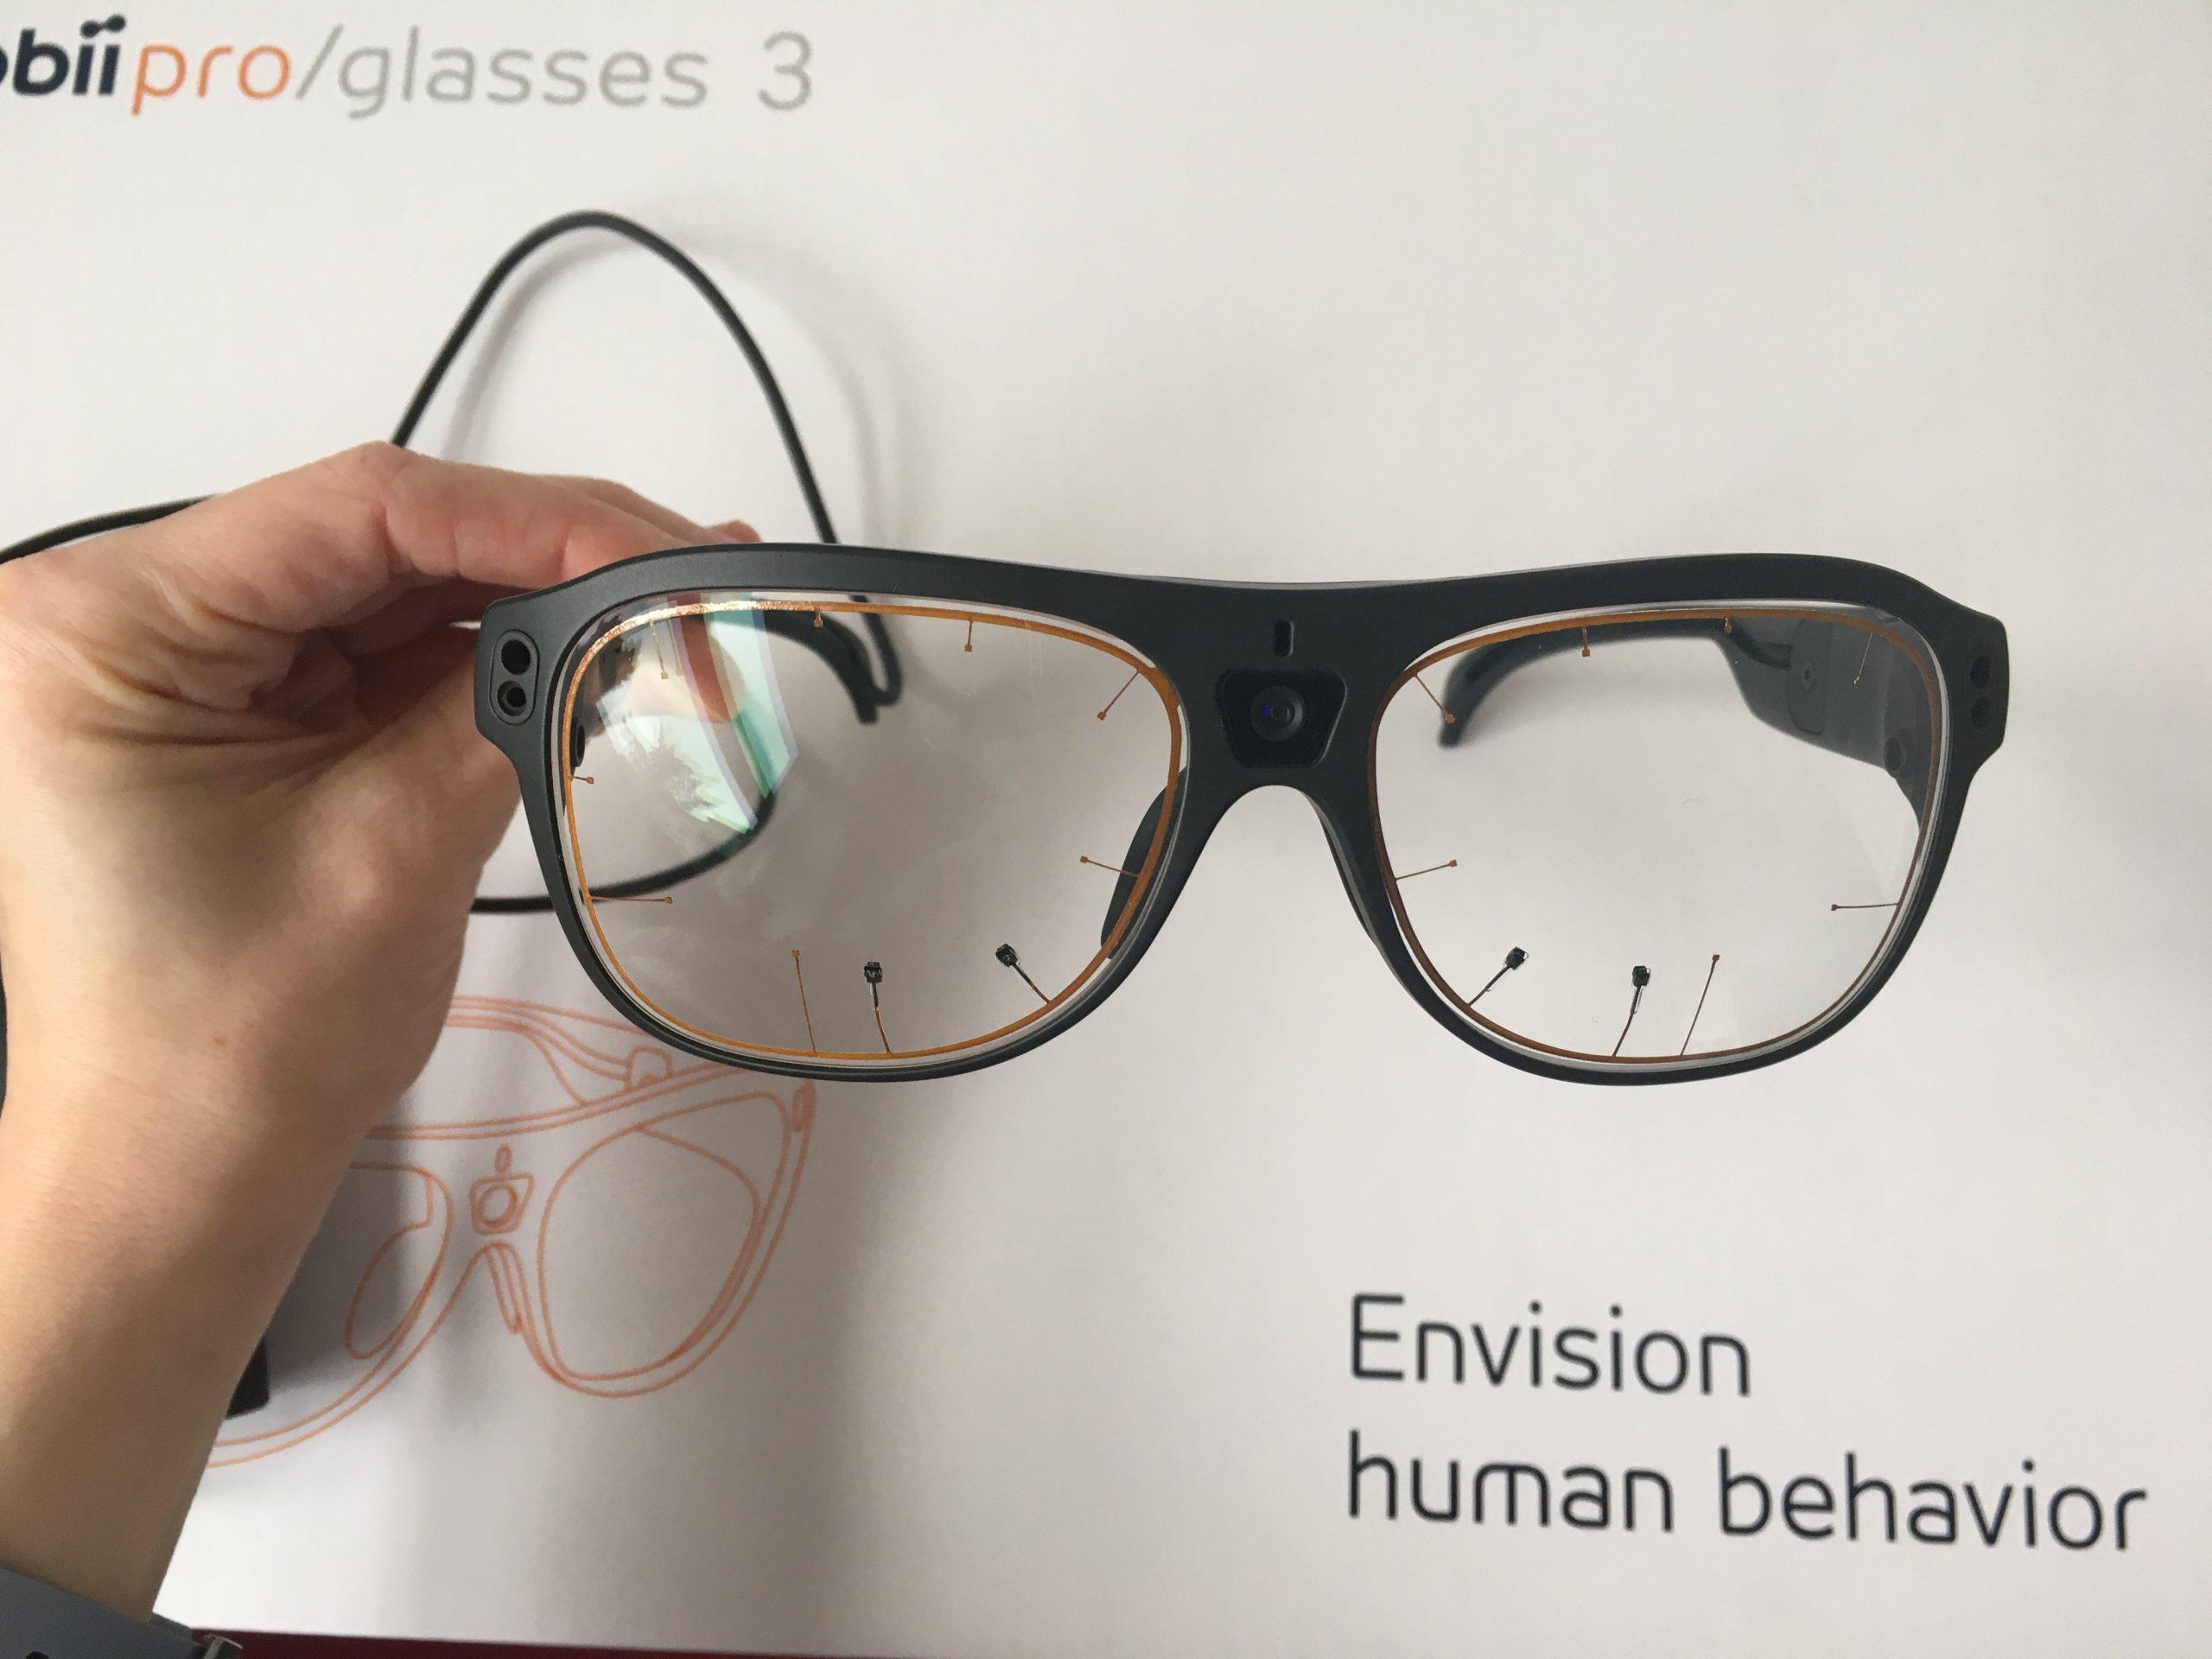 tobii pro glasses